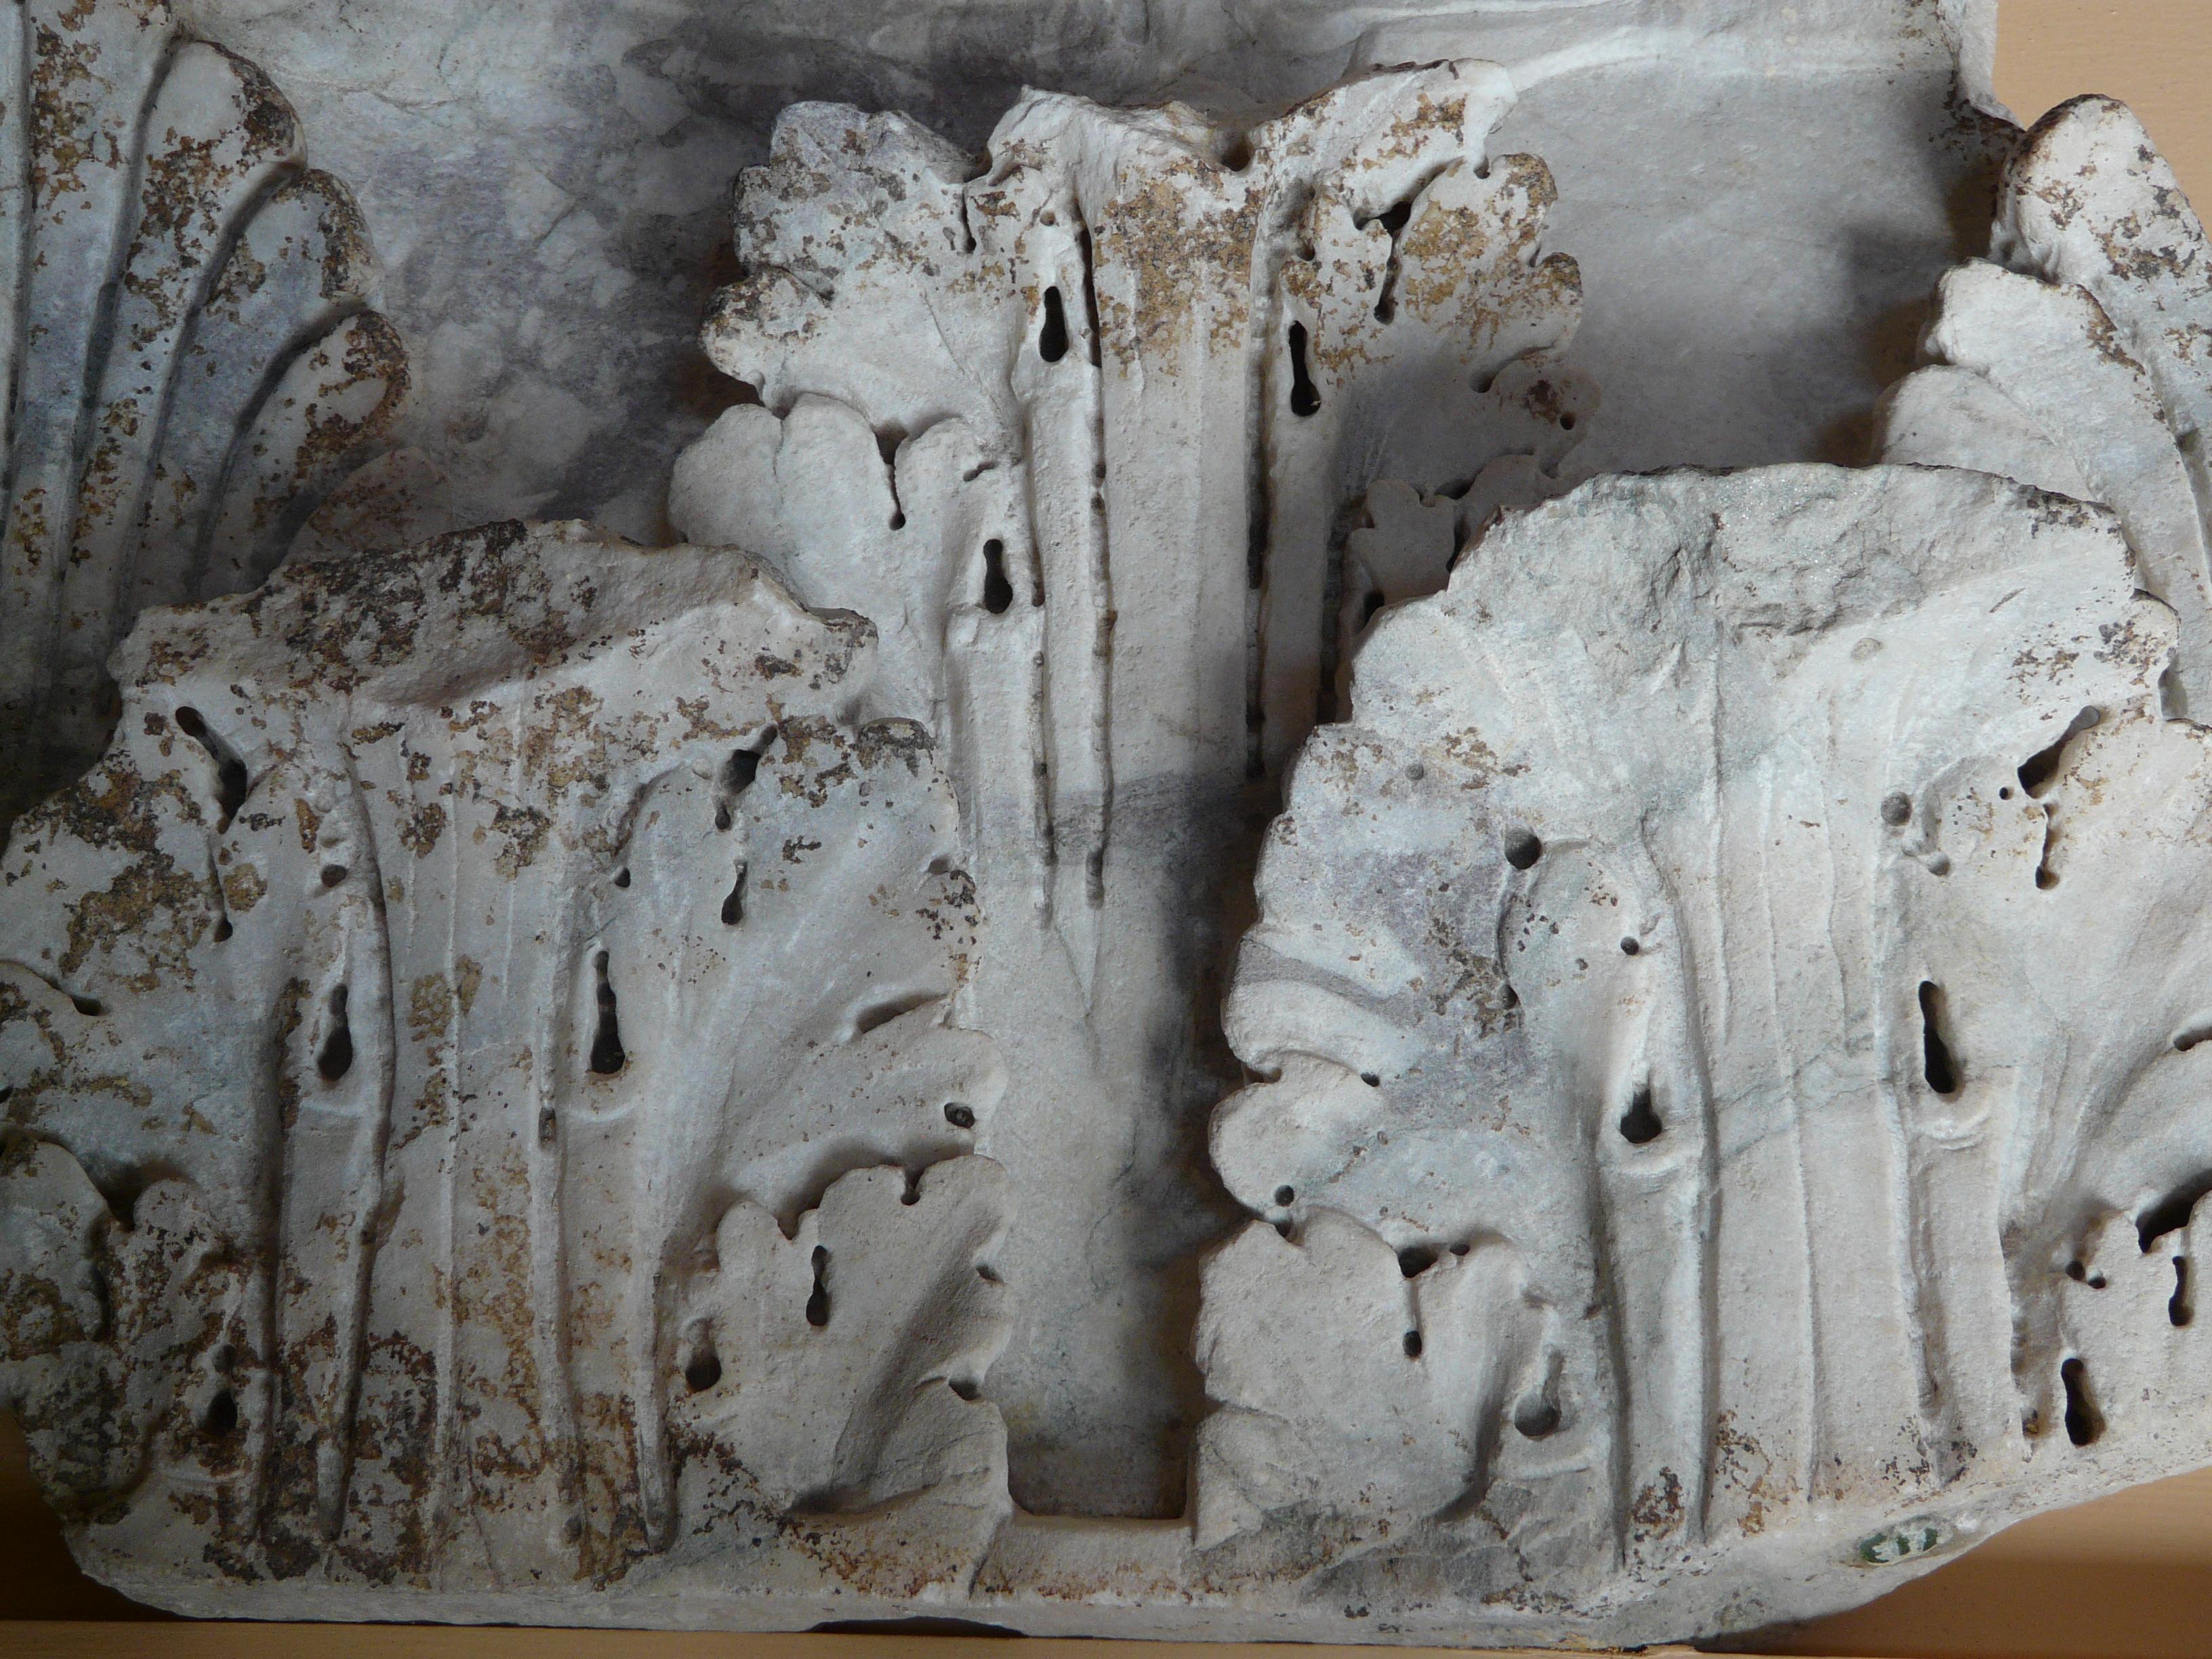 © Dipartimento di Scienze della Vita, Università di Trieste<br>by Andrea Moro<br>Roma, Museo dei Mercati di Traiano, capitello corinzieggiante di lesena rinvenuto nel giardino delle Milizie, RO, Lazio, Italia, 18/07/2011<br>Distributed under CC-BY-SA 4.0 license.